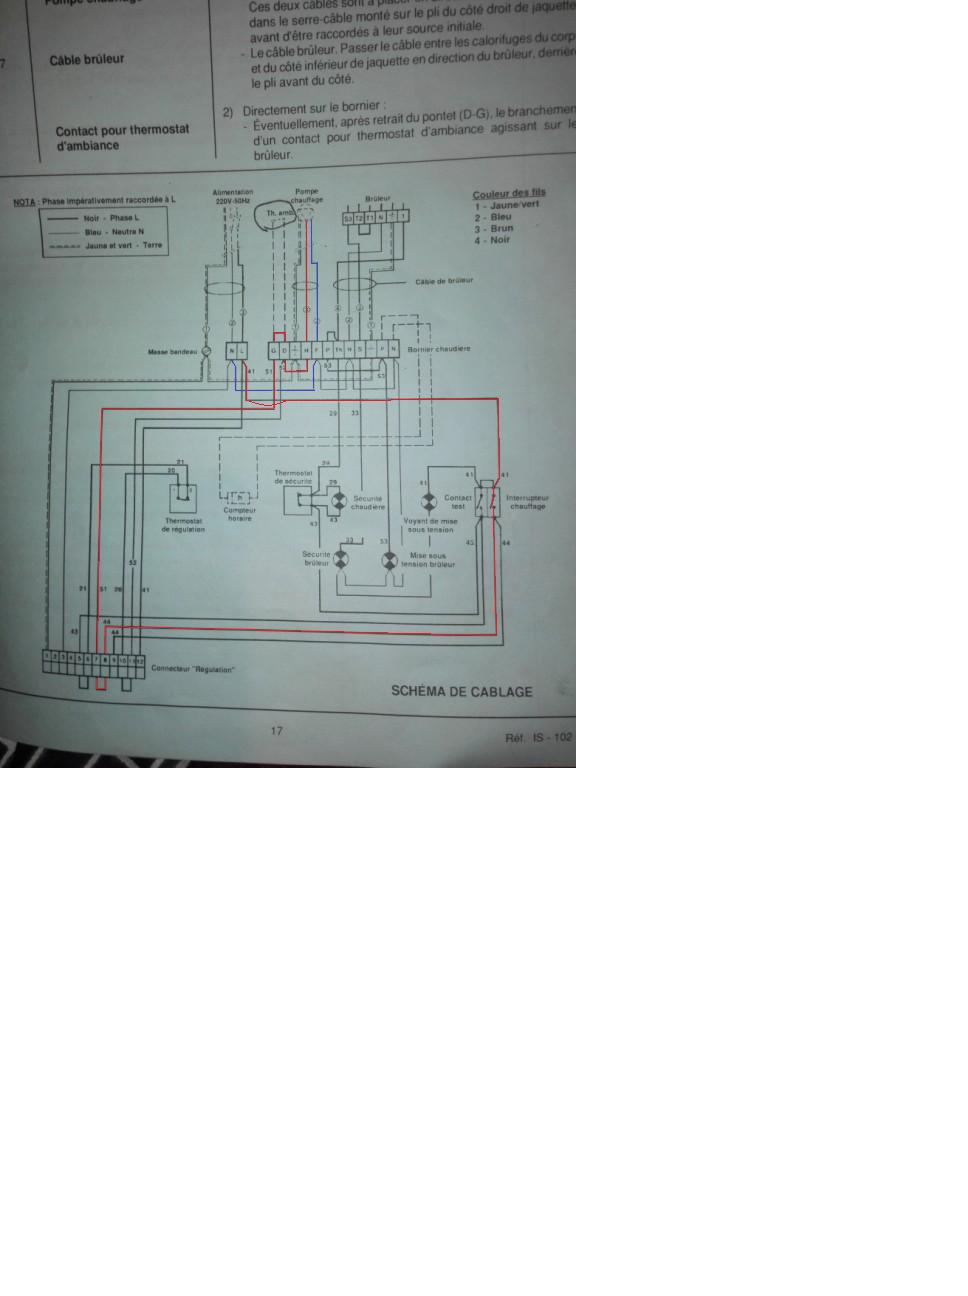 pas de chauffage sur ideal standard 2101 page 2 forum sur chaudi res au gaz fioul granul s. Black Bedroom Furniture Sets. Home Design Ideas